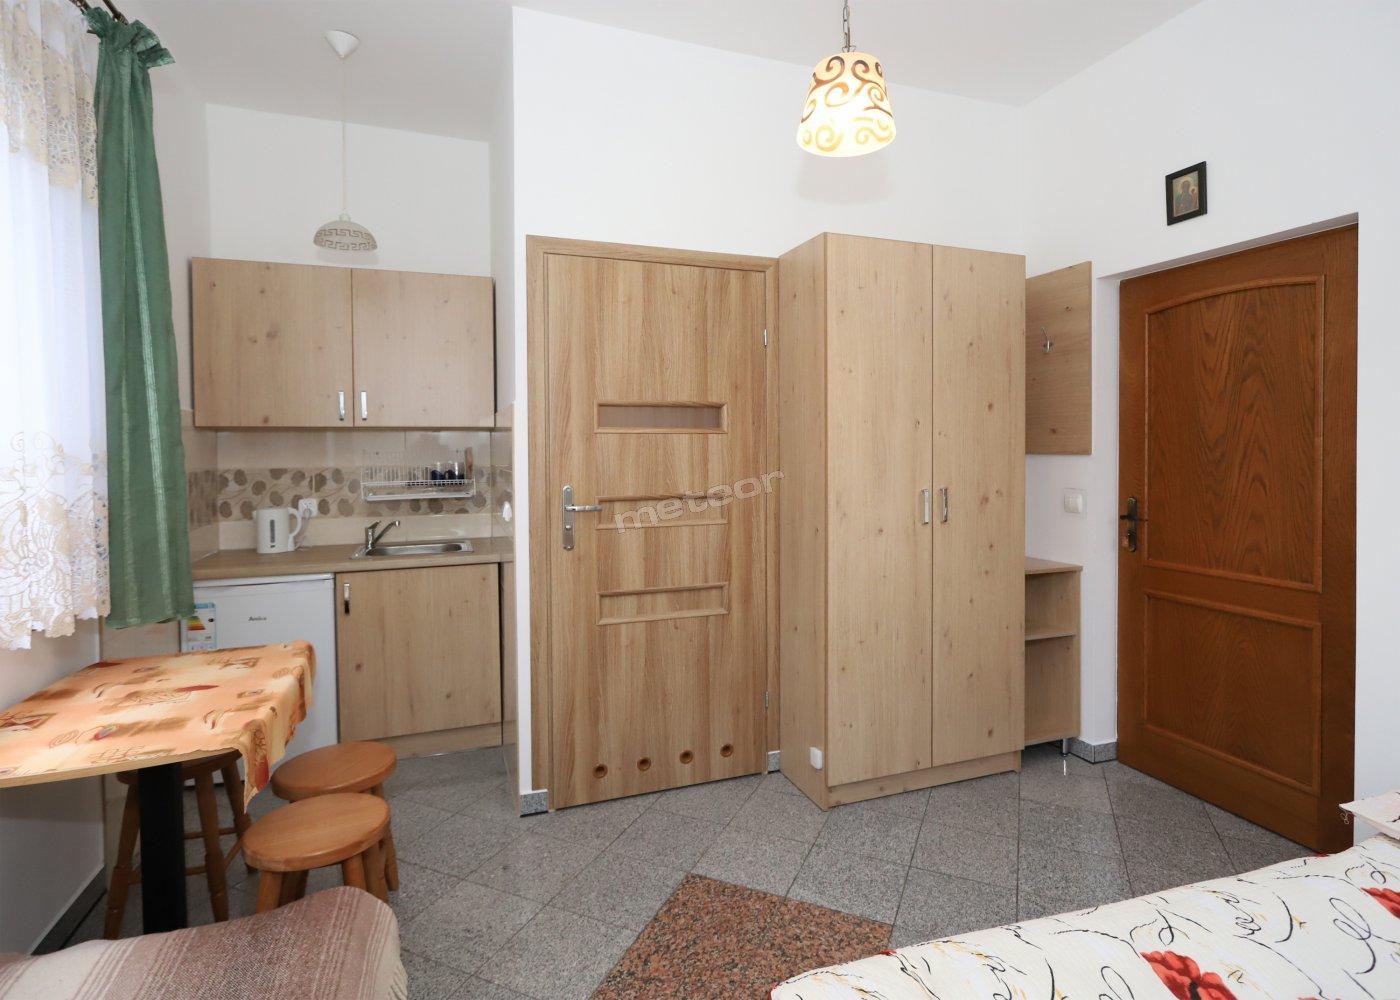 pokój 3 os z łazienką i aneksem kuchennym